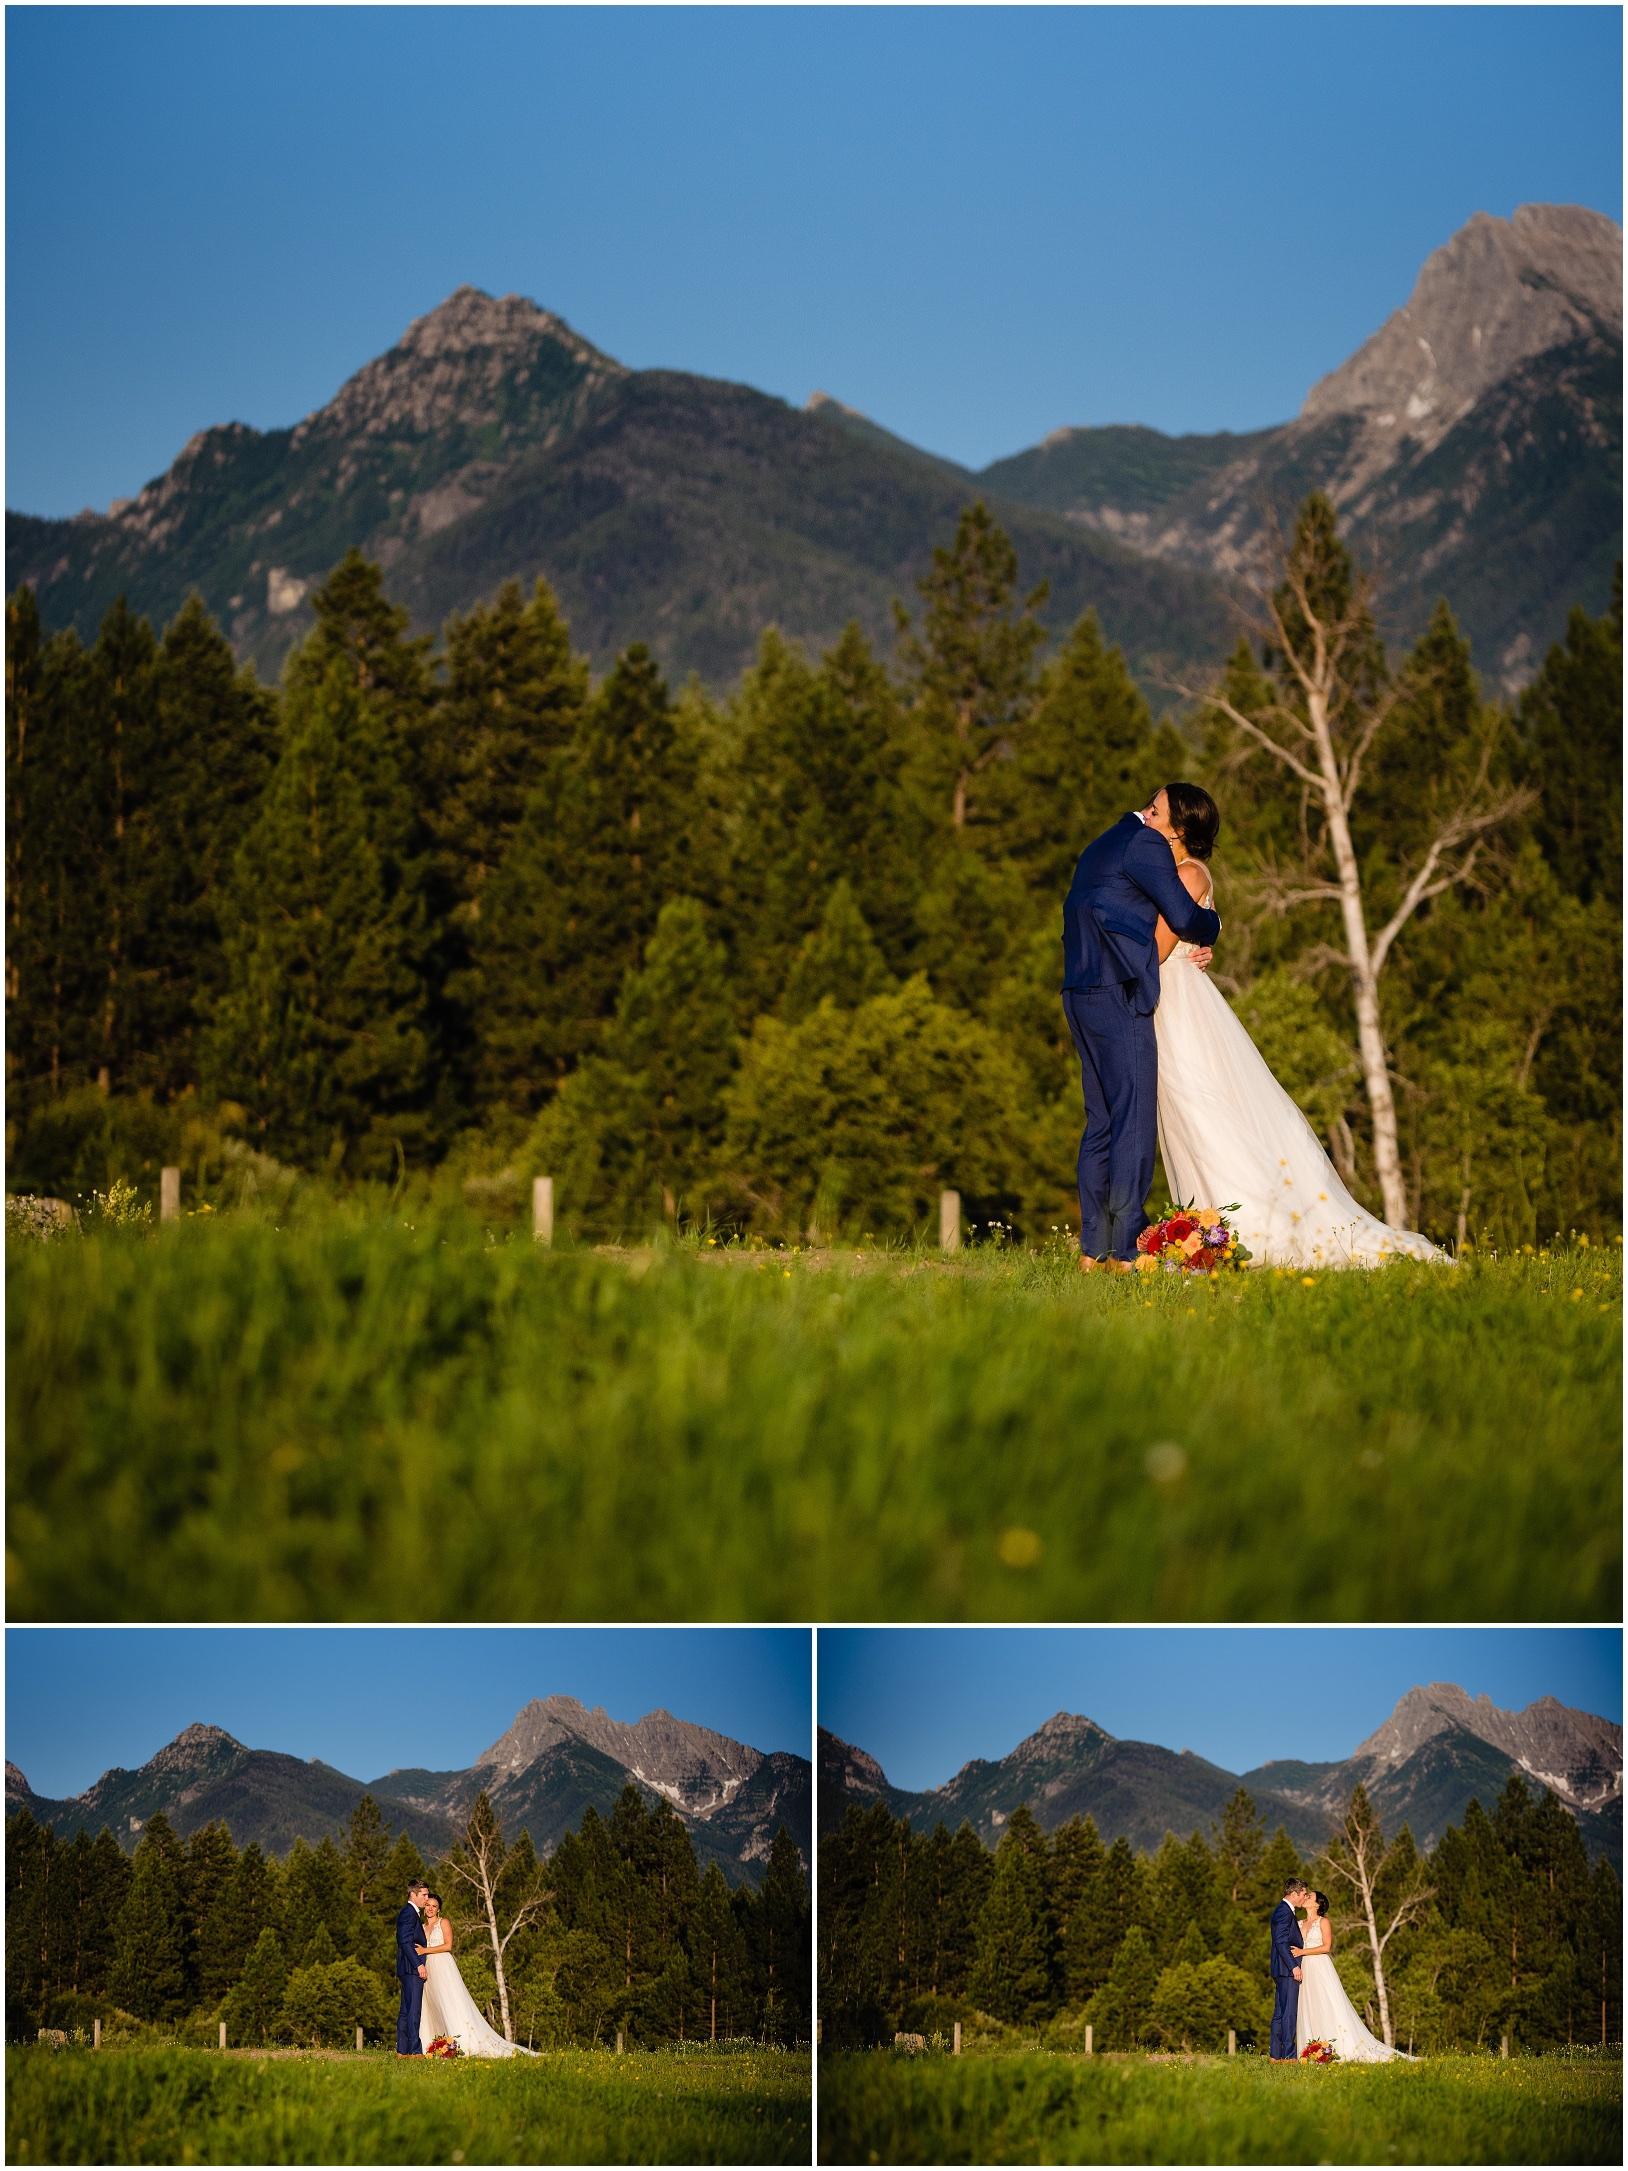 lindseyjane_weddings0118.jpg